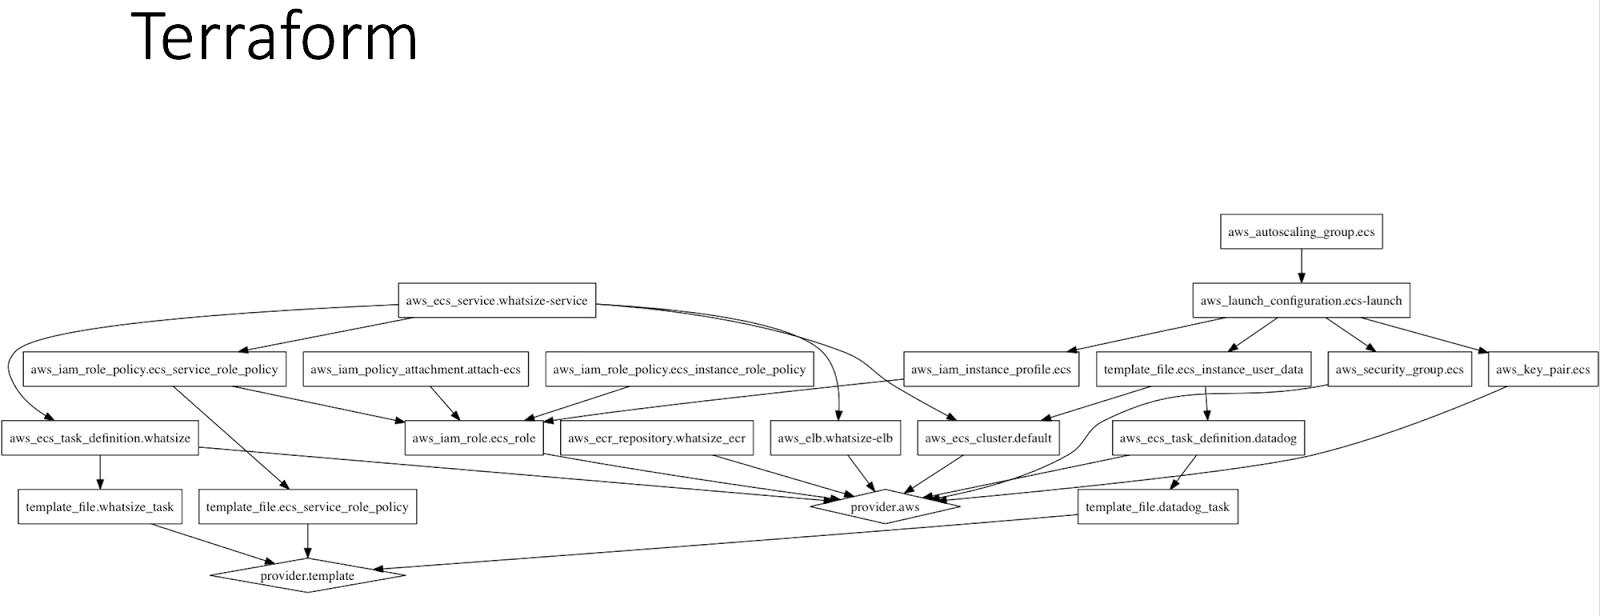 jeff dwyer's blog: Ruby on Rails on Docker on Amazon ECS w